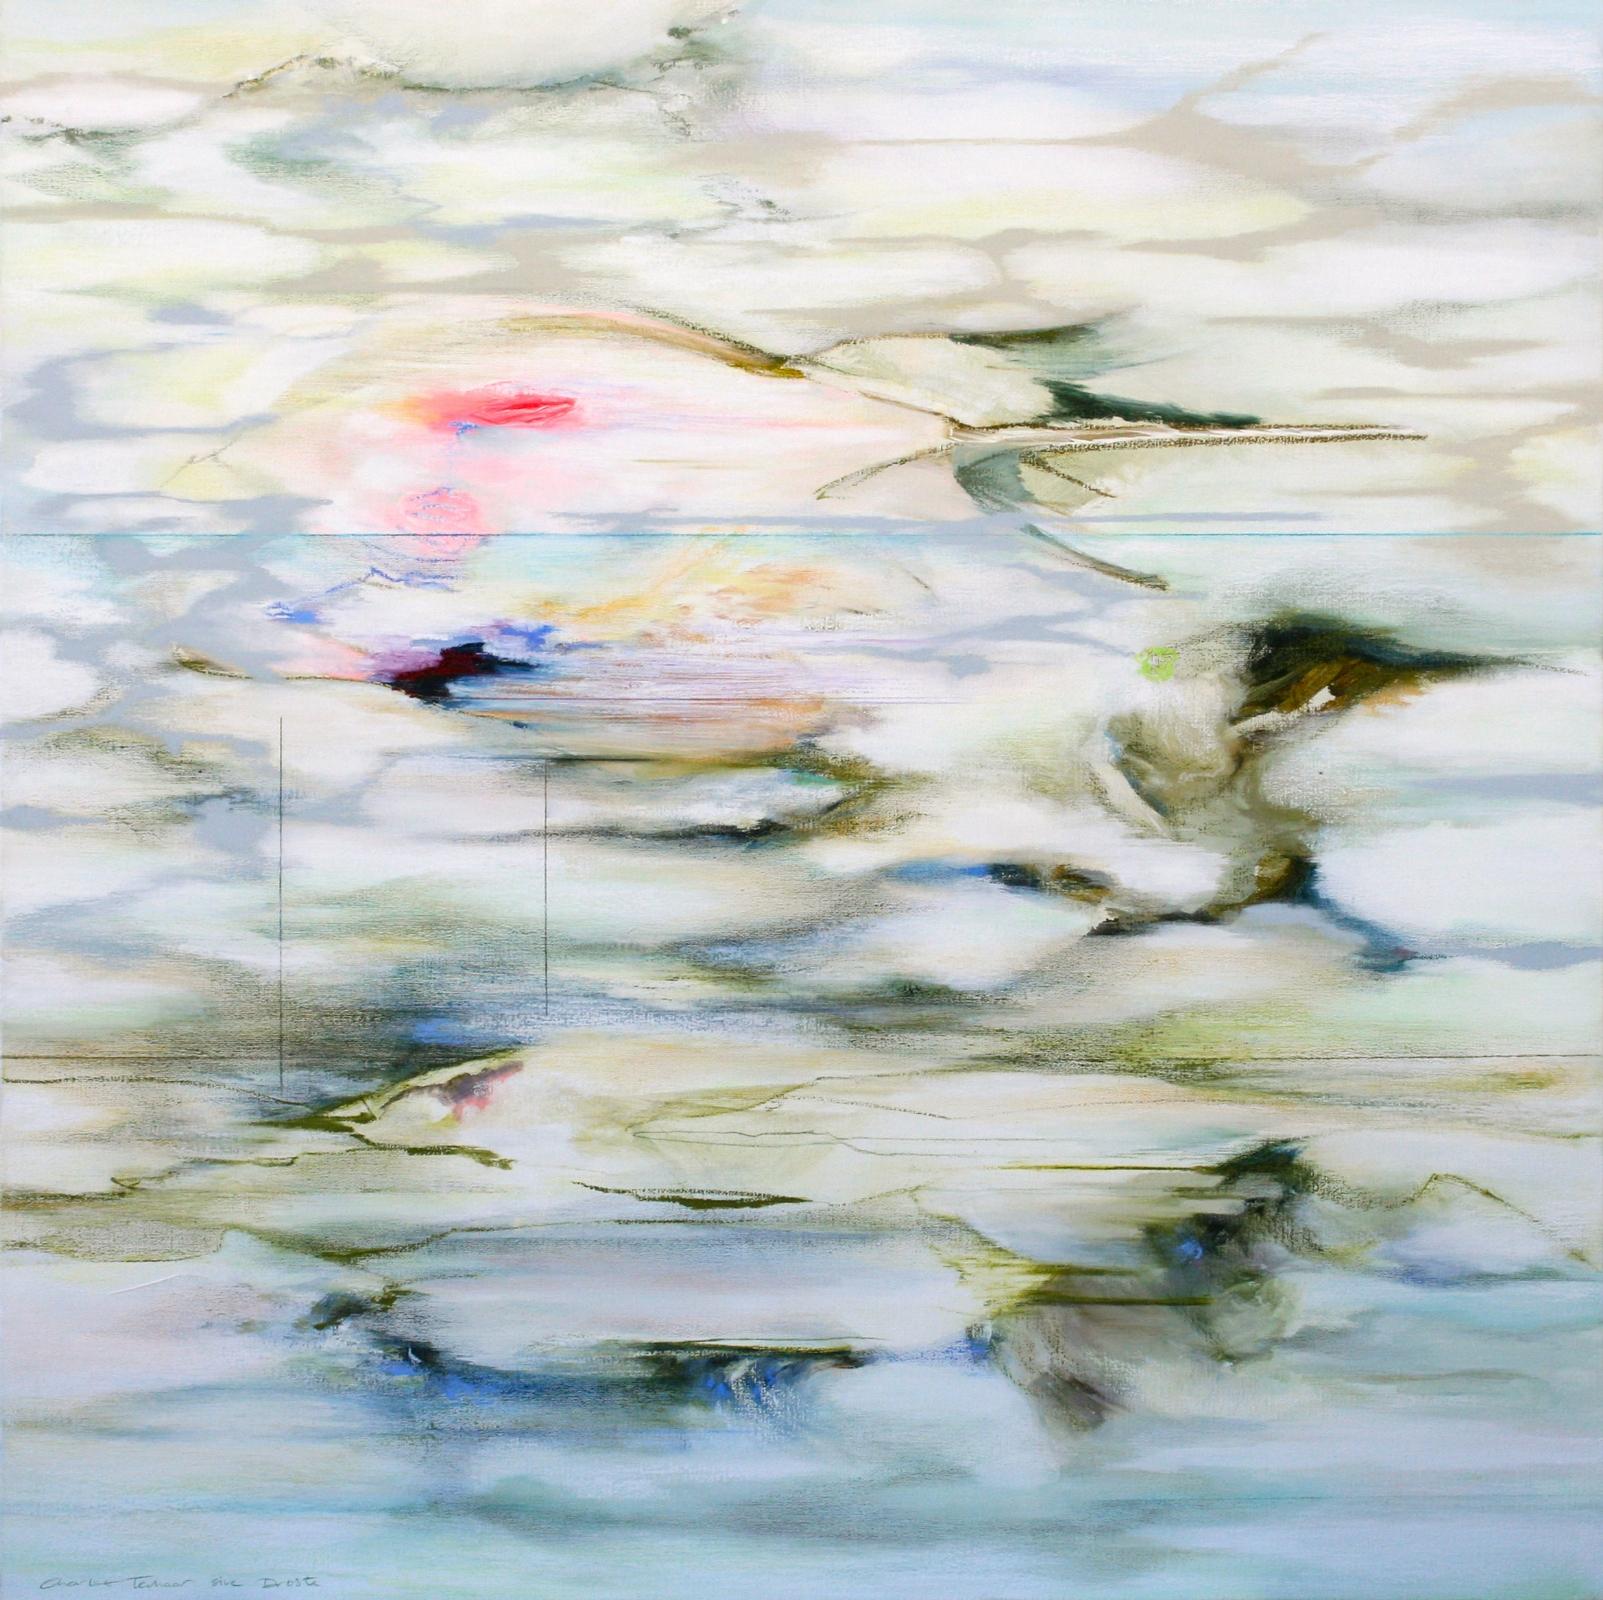 Schilderij #381 - verkocht -